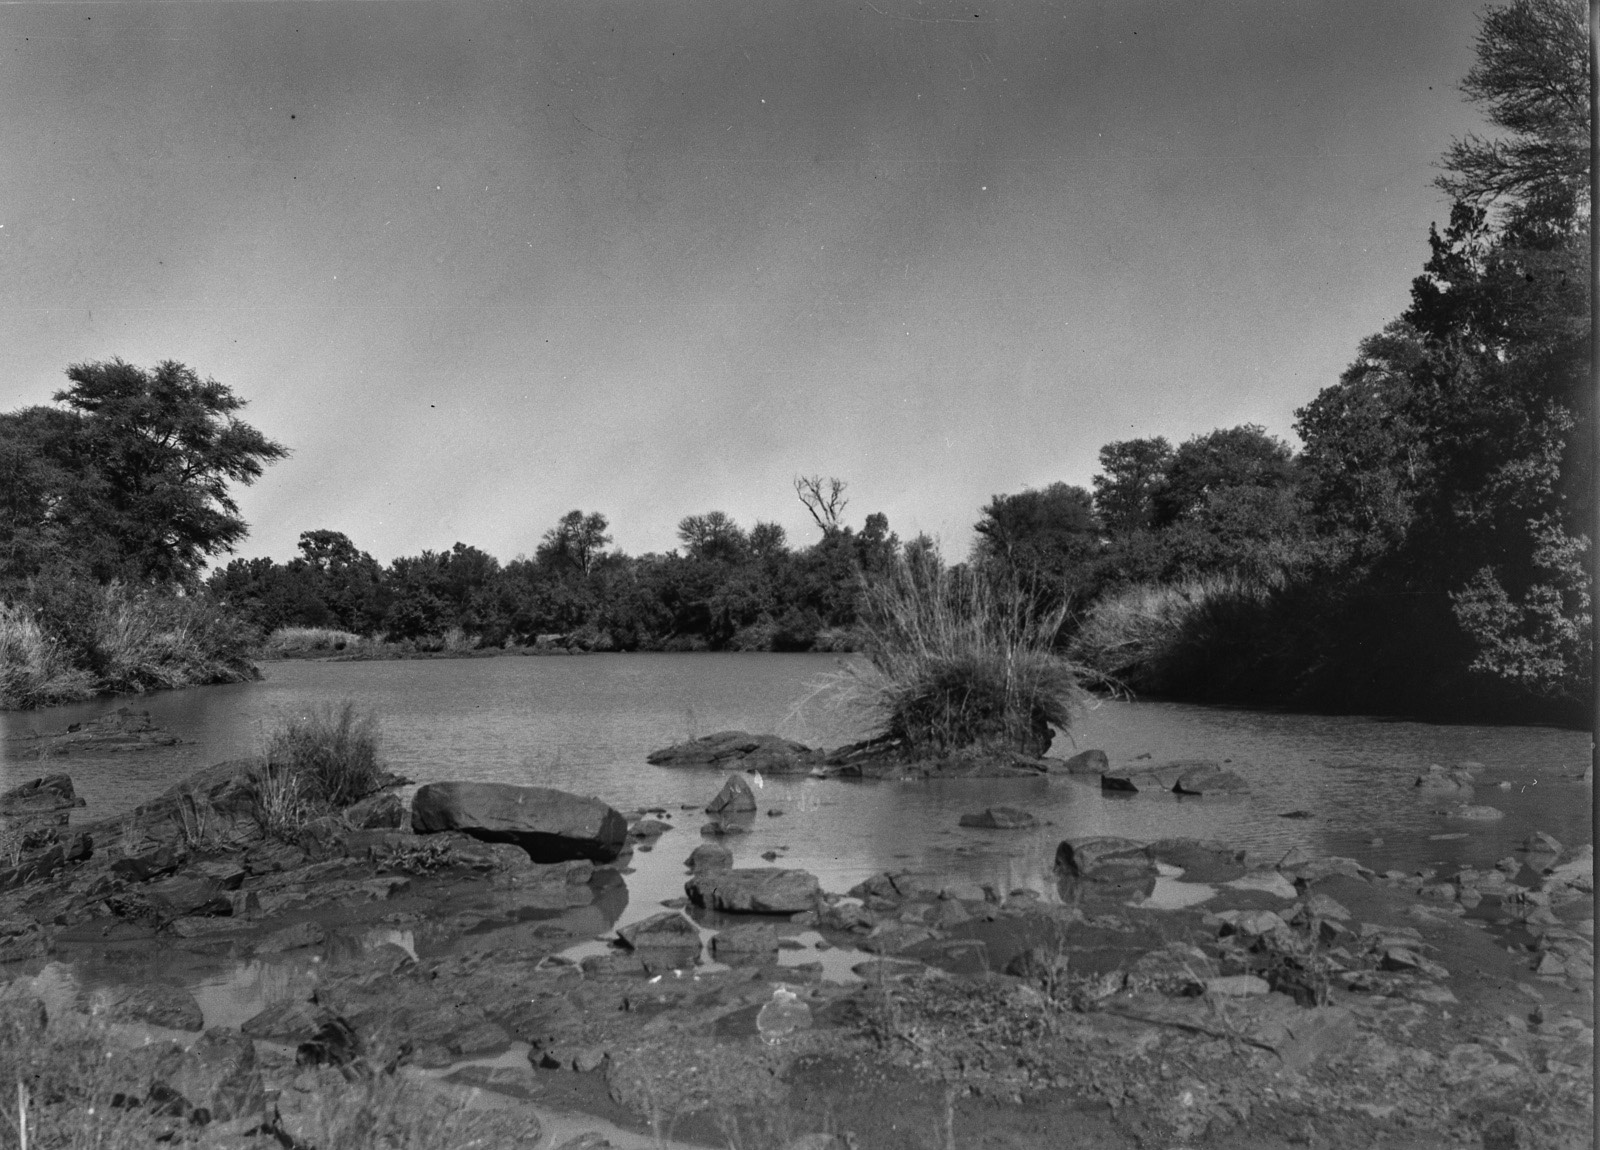 Бечуаналенд. Река Лимпопо. В этот момент река все еще катит свои воды